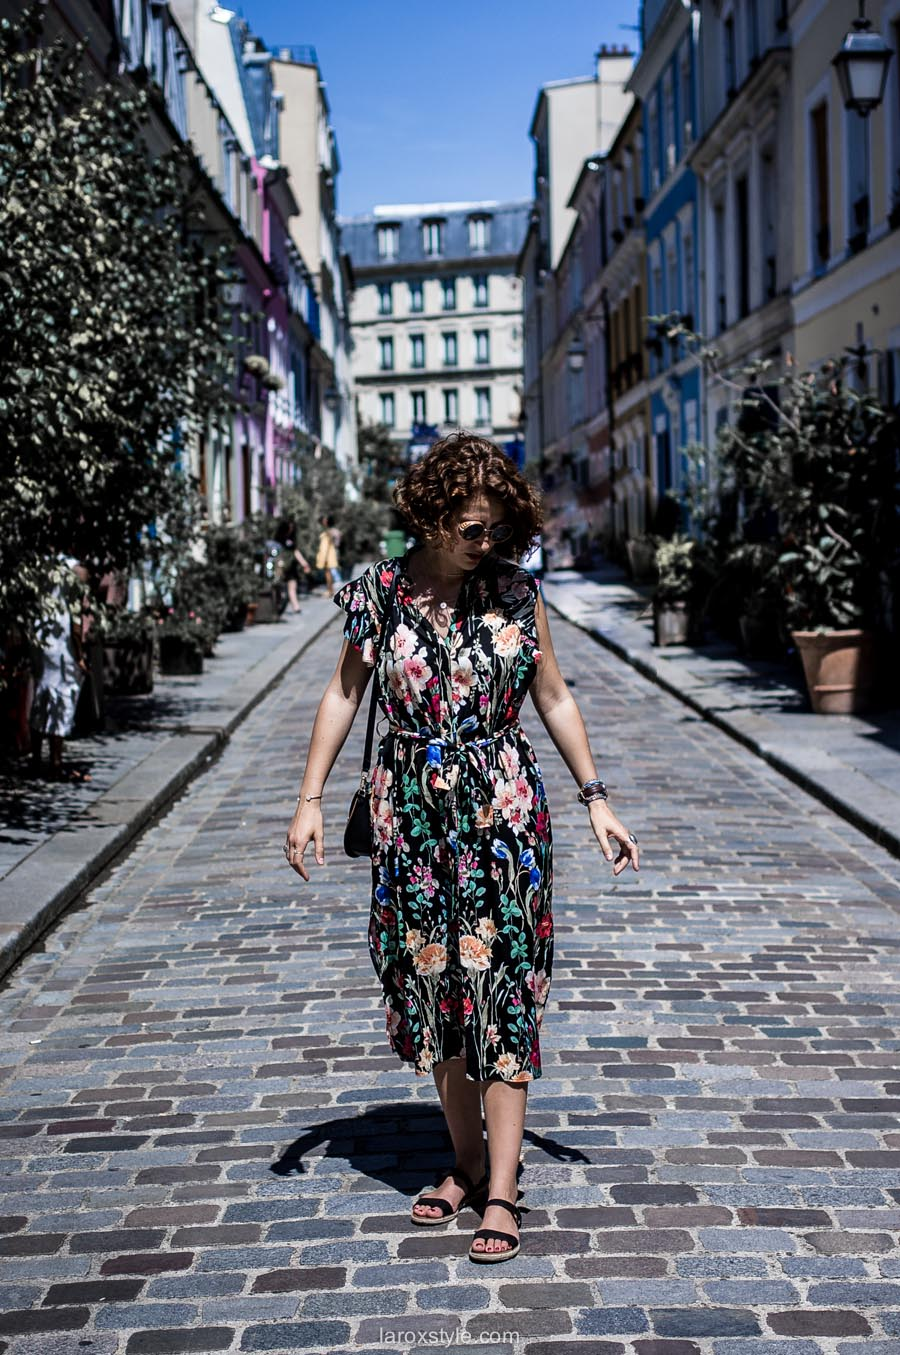 Paris - rue cremieux - robe longue fleurie - laroxstyle - blog mode lyon-15